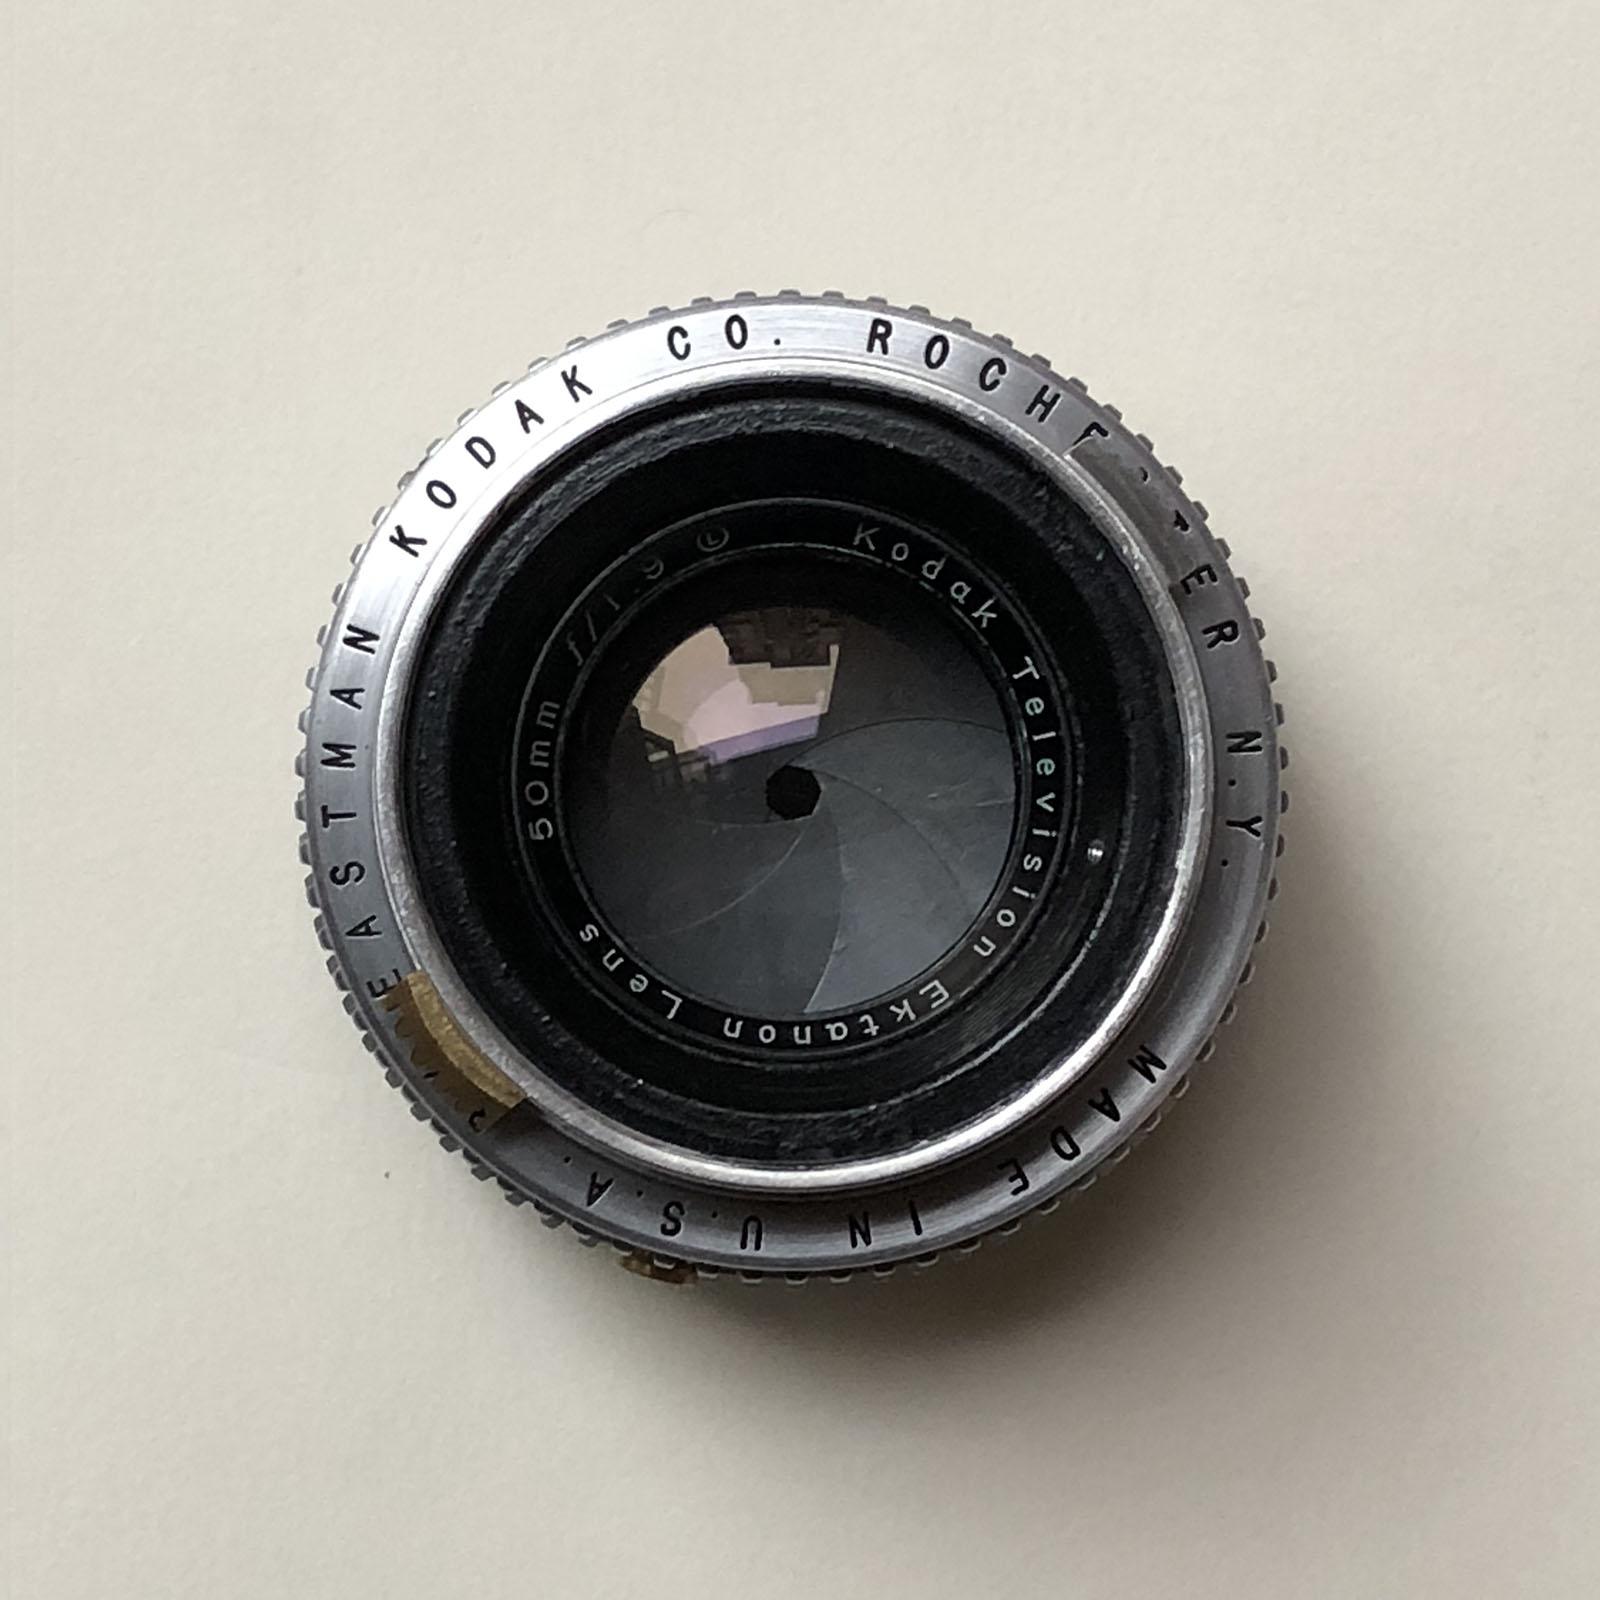 柯达电视镜头 Kodak Television Ektanon Lens 50mm f/1.9